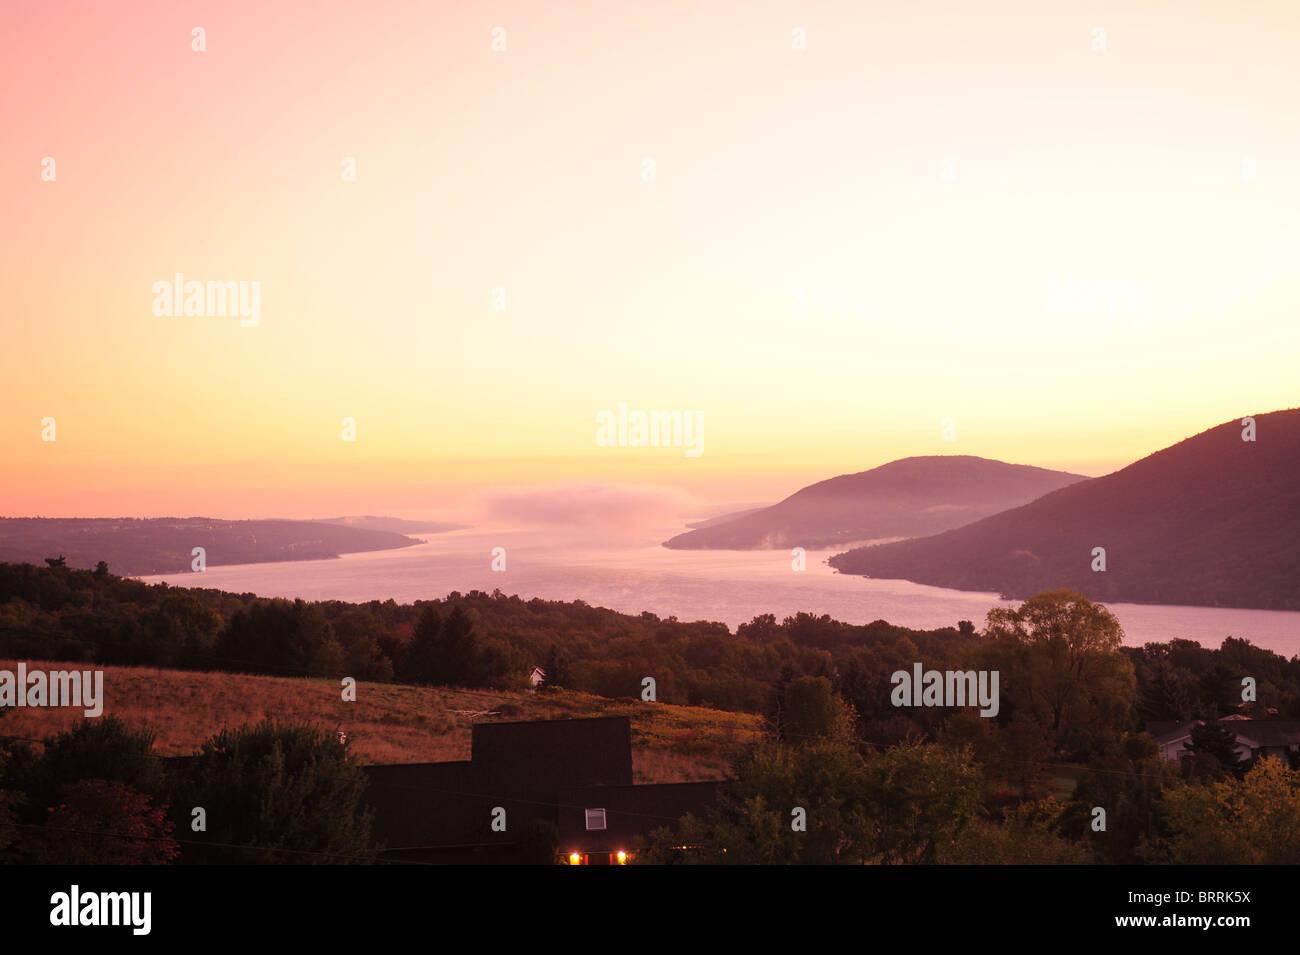 usa-new-york-ny-sunrise-over-vineyards-and-canandaigua-lake-finger-BRRK5X.jpg